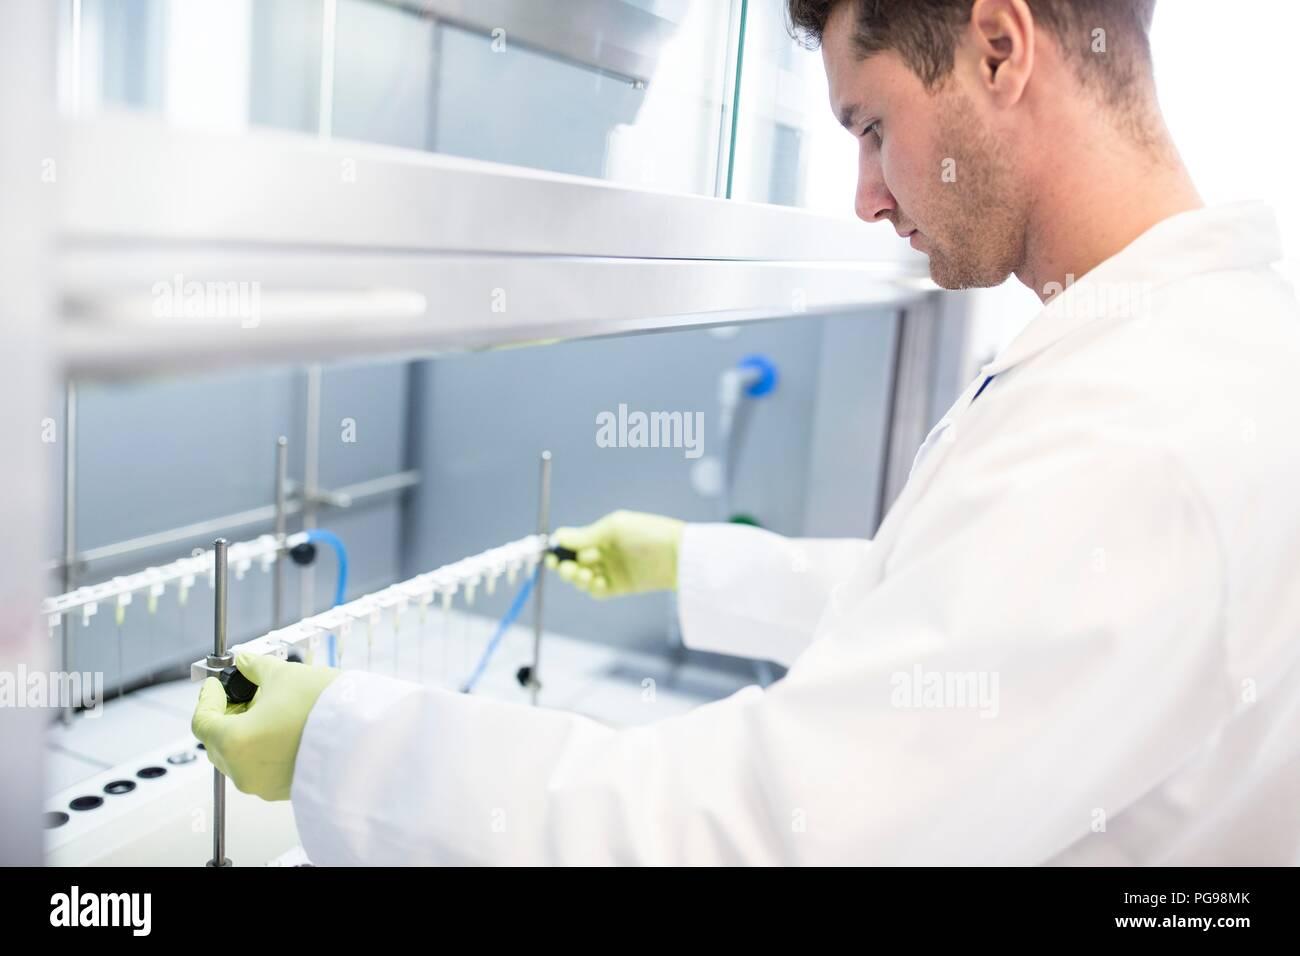 Festphasenextraktion (SPE) Spalten auf einem Ständer platziert wird. SPE wird verwendet, biologischen Verbindungen, die aus einer Mischung für die weitere Analyse zu trennen. Stockbild